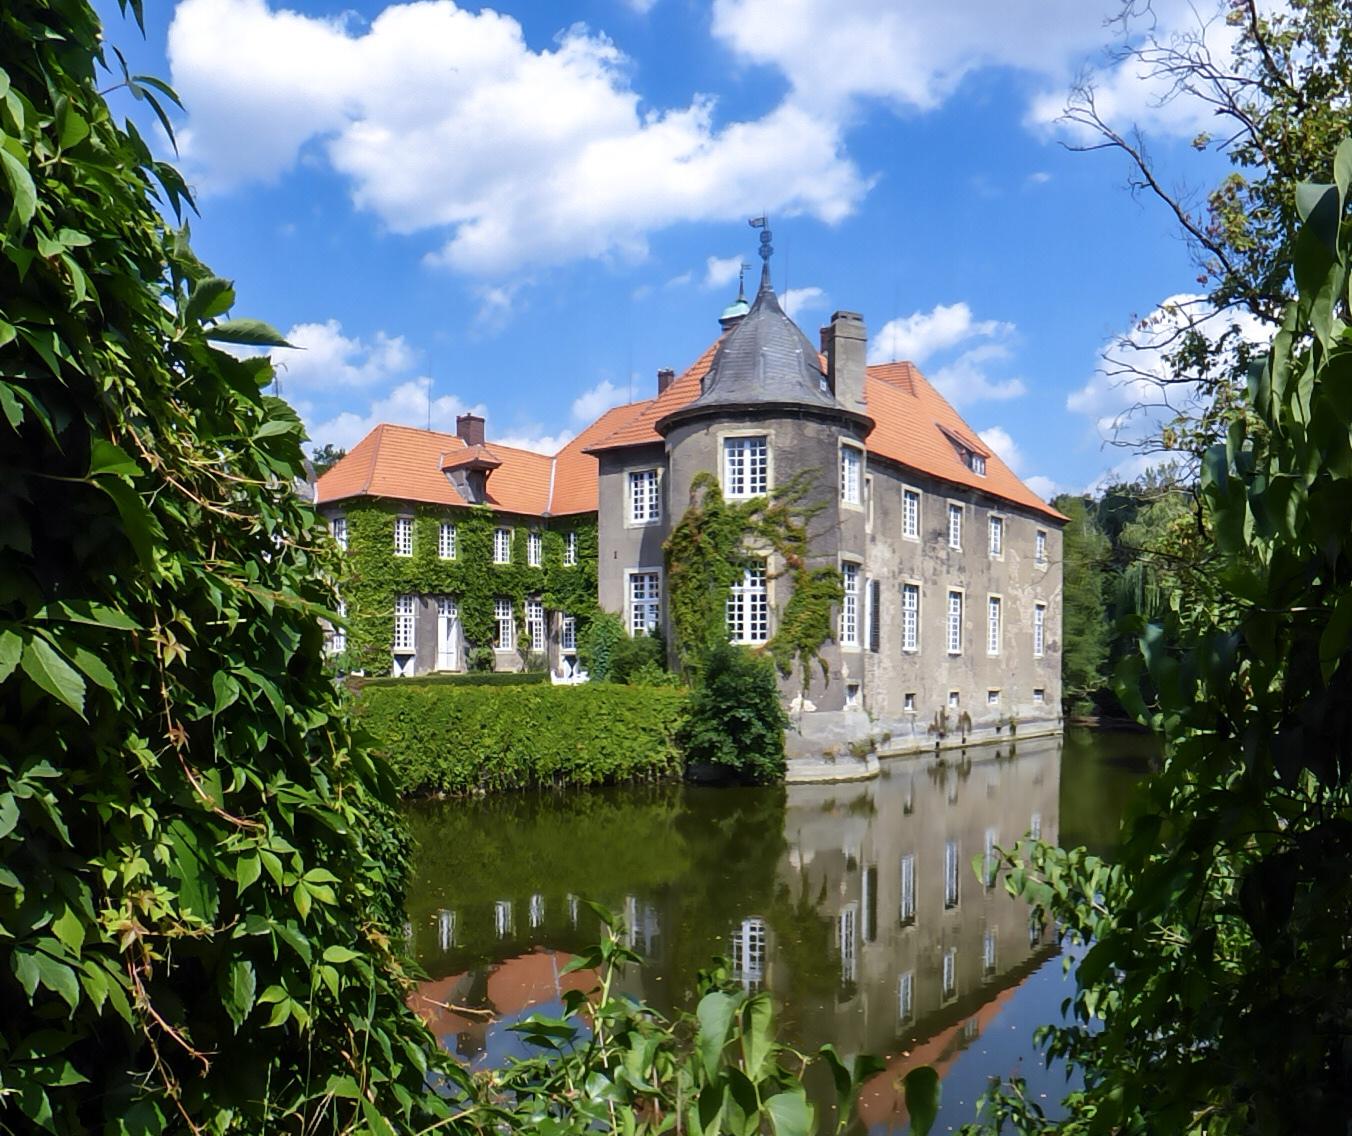 Haus Itlingen - auch Schloss Itlingen genannt